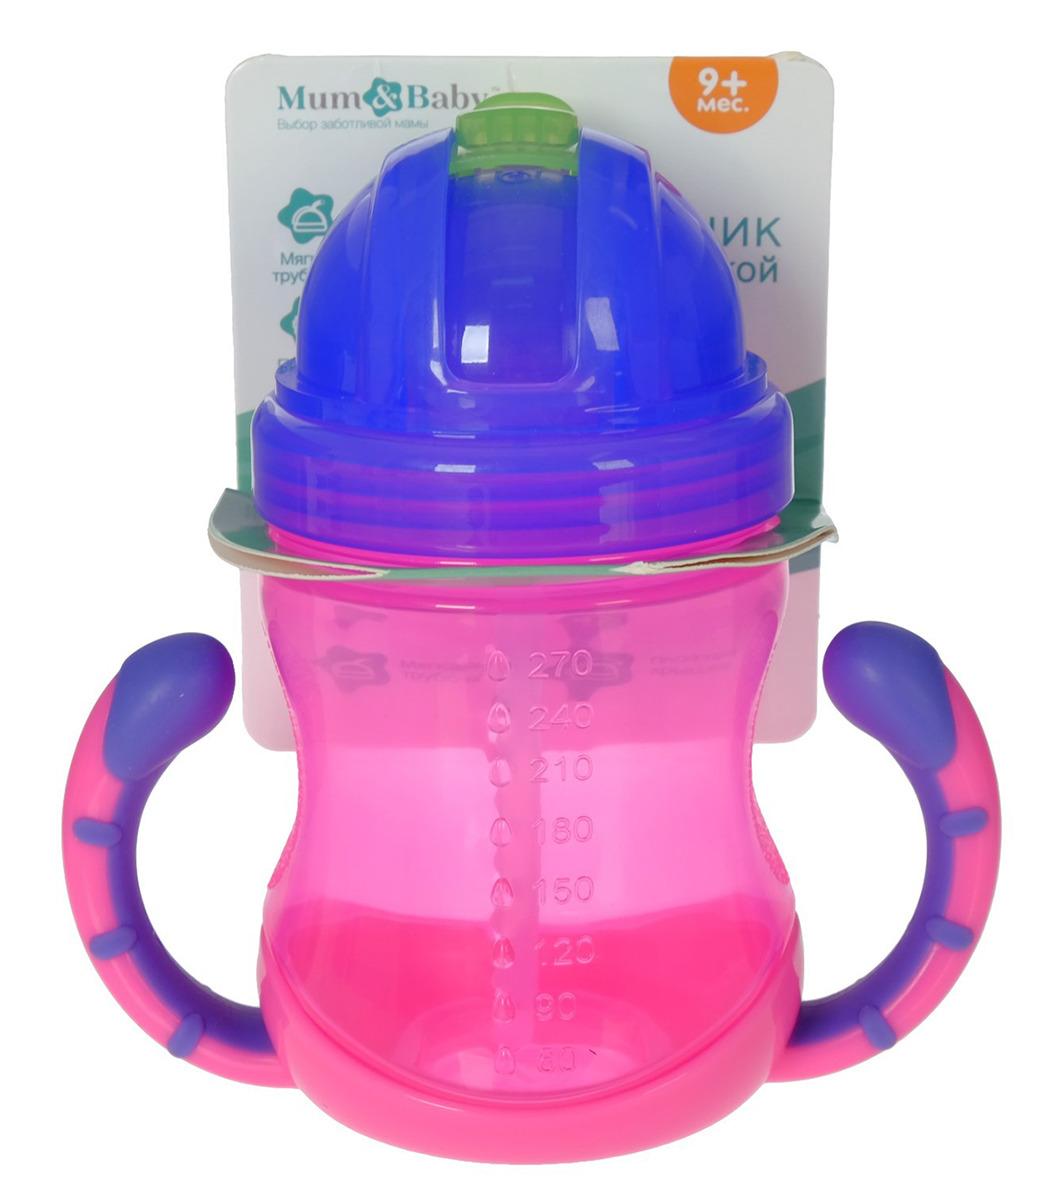 Поильник для детей Mum&Baby, 2793094, розовый, 270 мл